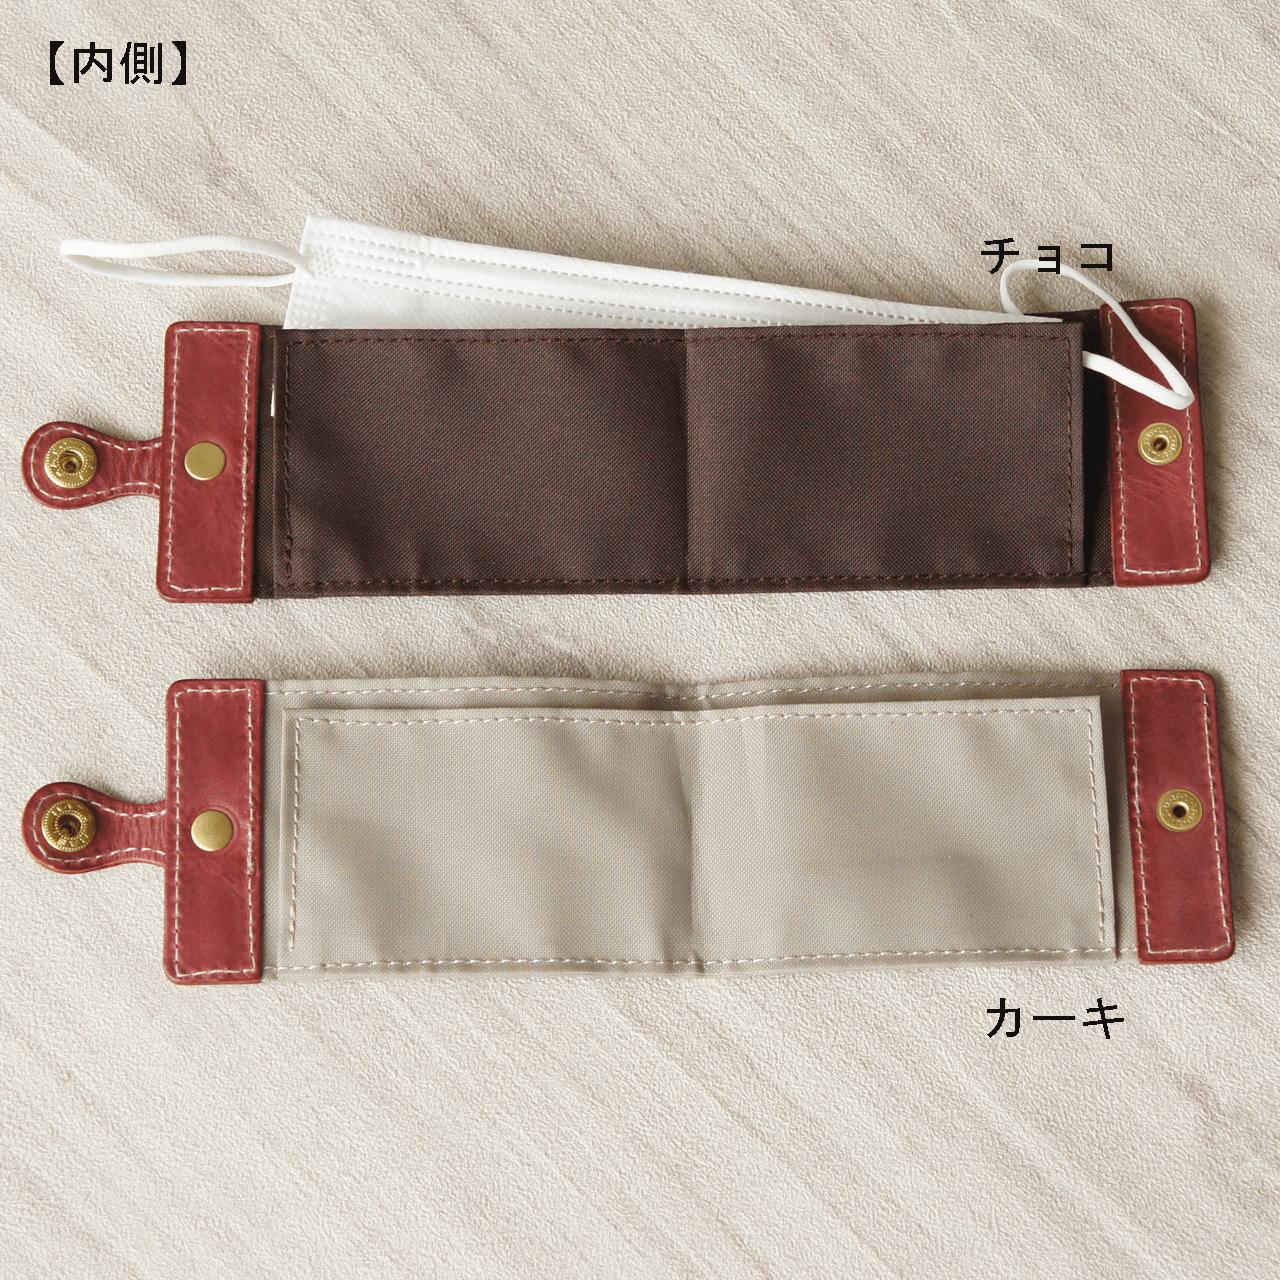 【抗菌・制菌】仮置きマスクケース(レッド)